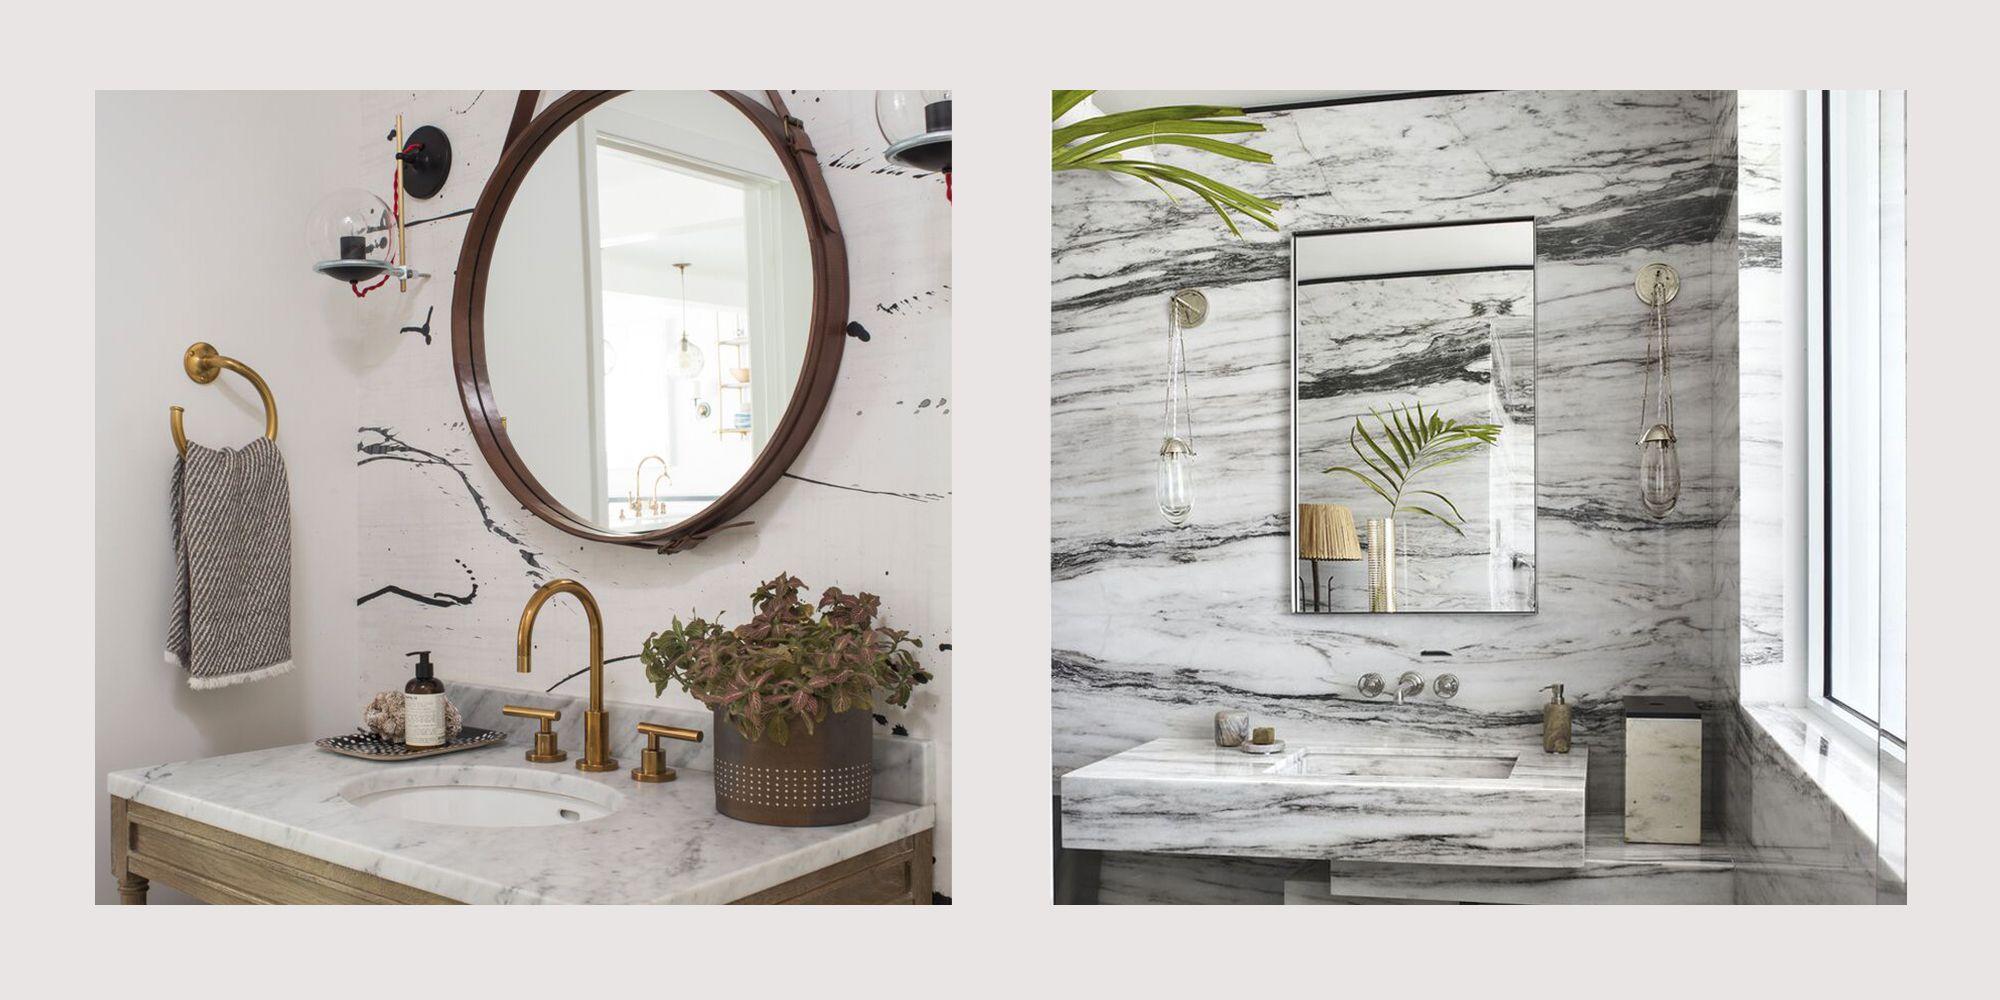 15 xu hướng thiết kế phòng tắm năm 2019